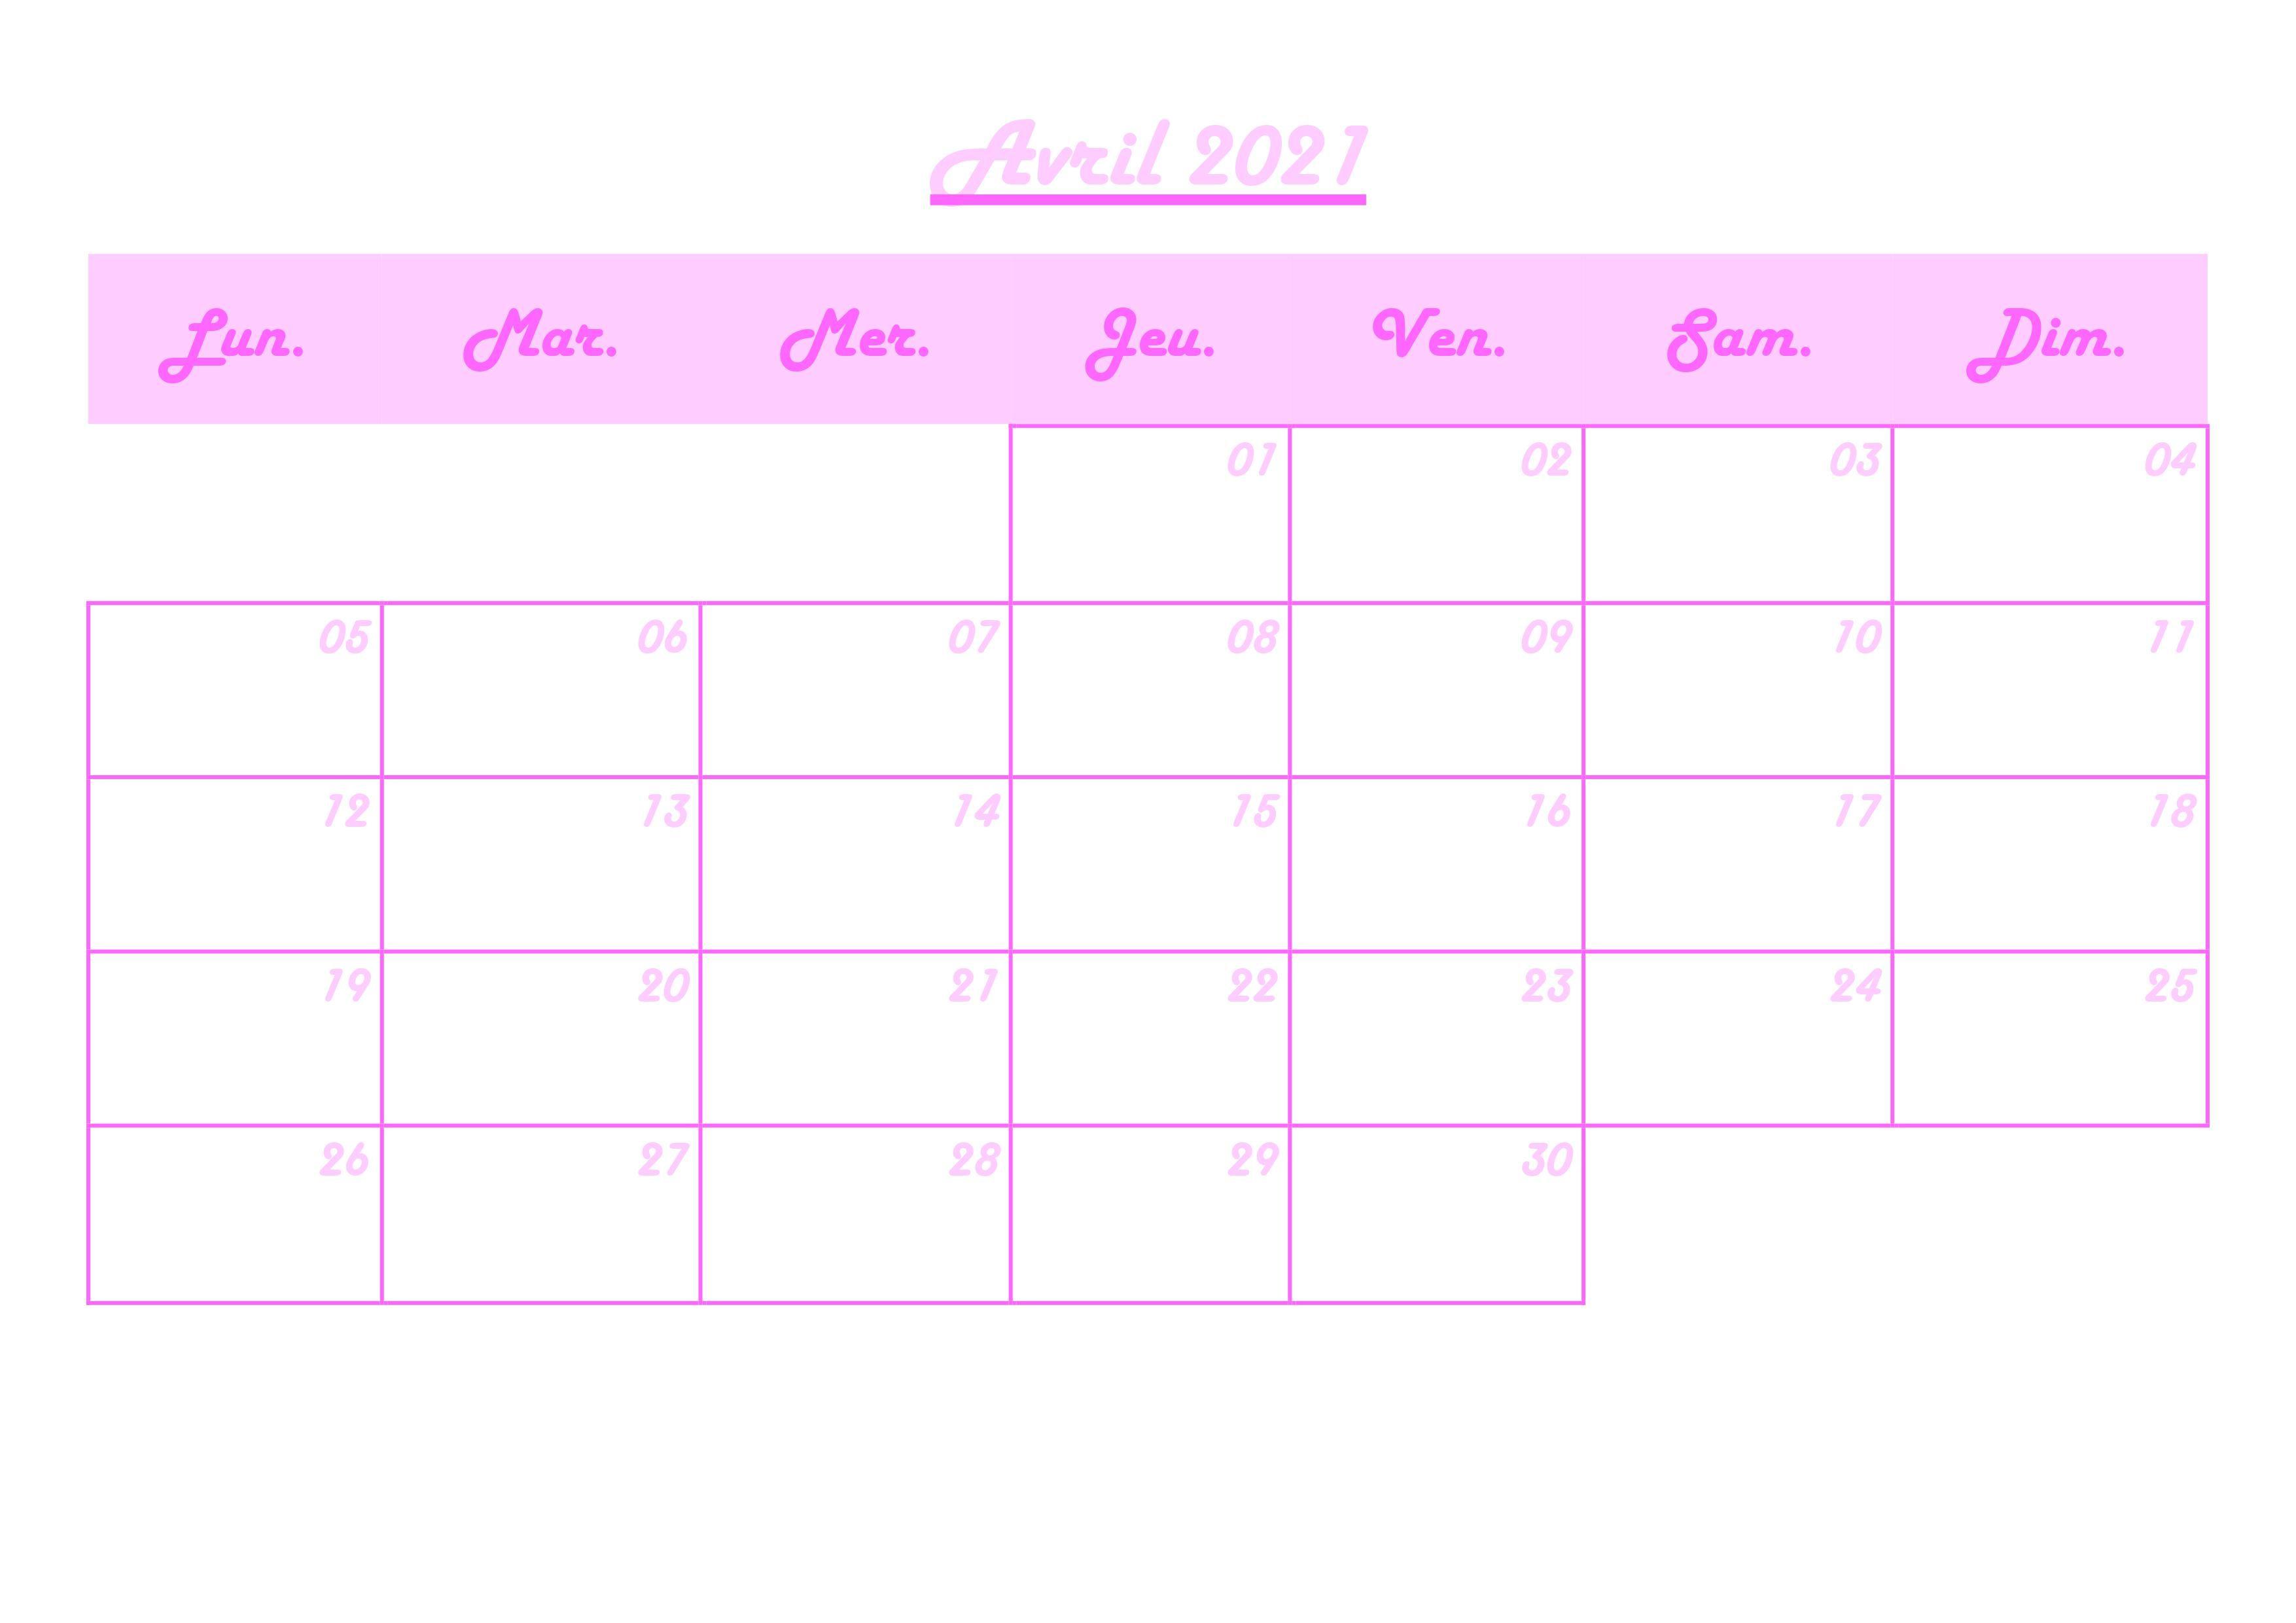 Calendrier mensuel avril 2021 | Calendrier mensuel, Mois de l